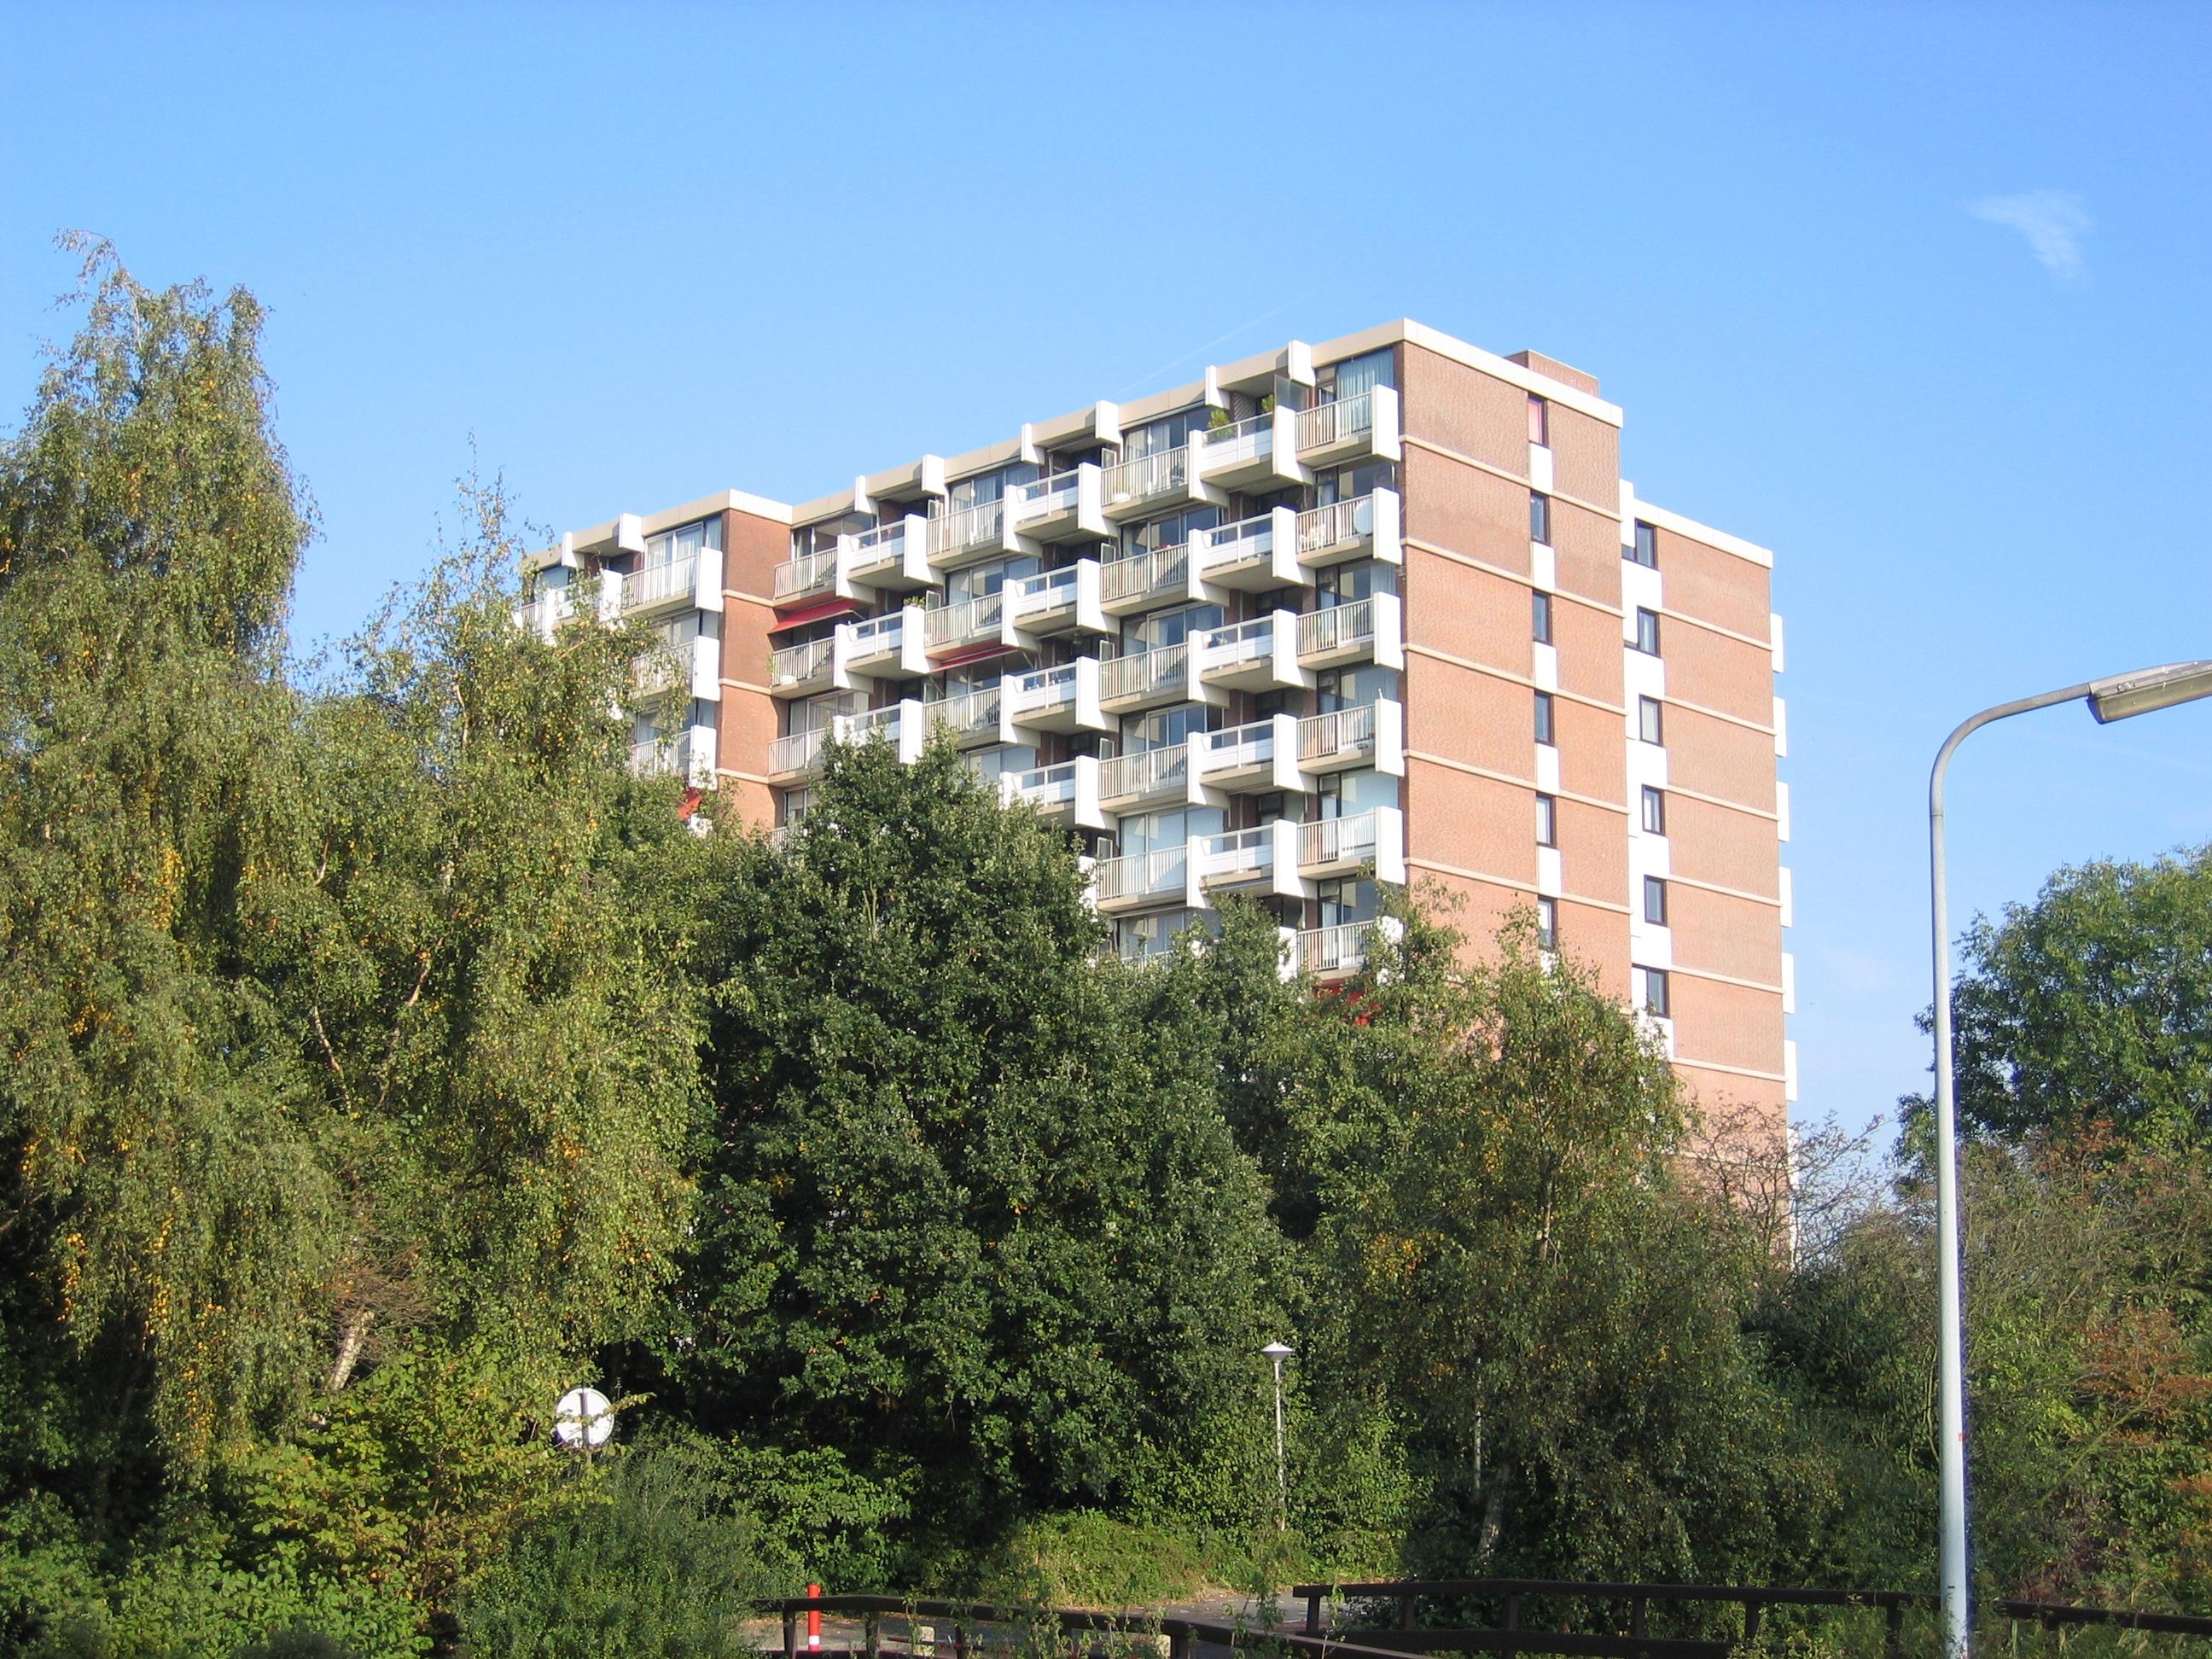 Lunshof makelaars Amstelveen en Amsterdam - Kringloop 315  AMSTELVEEN